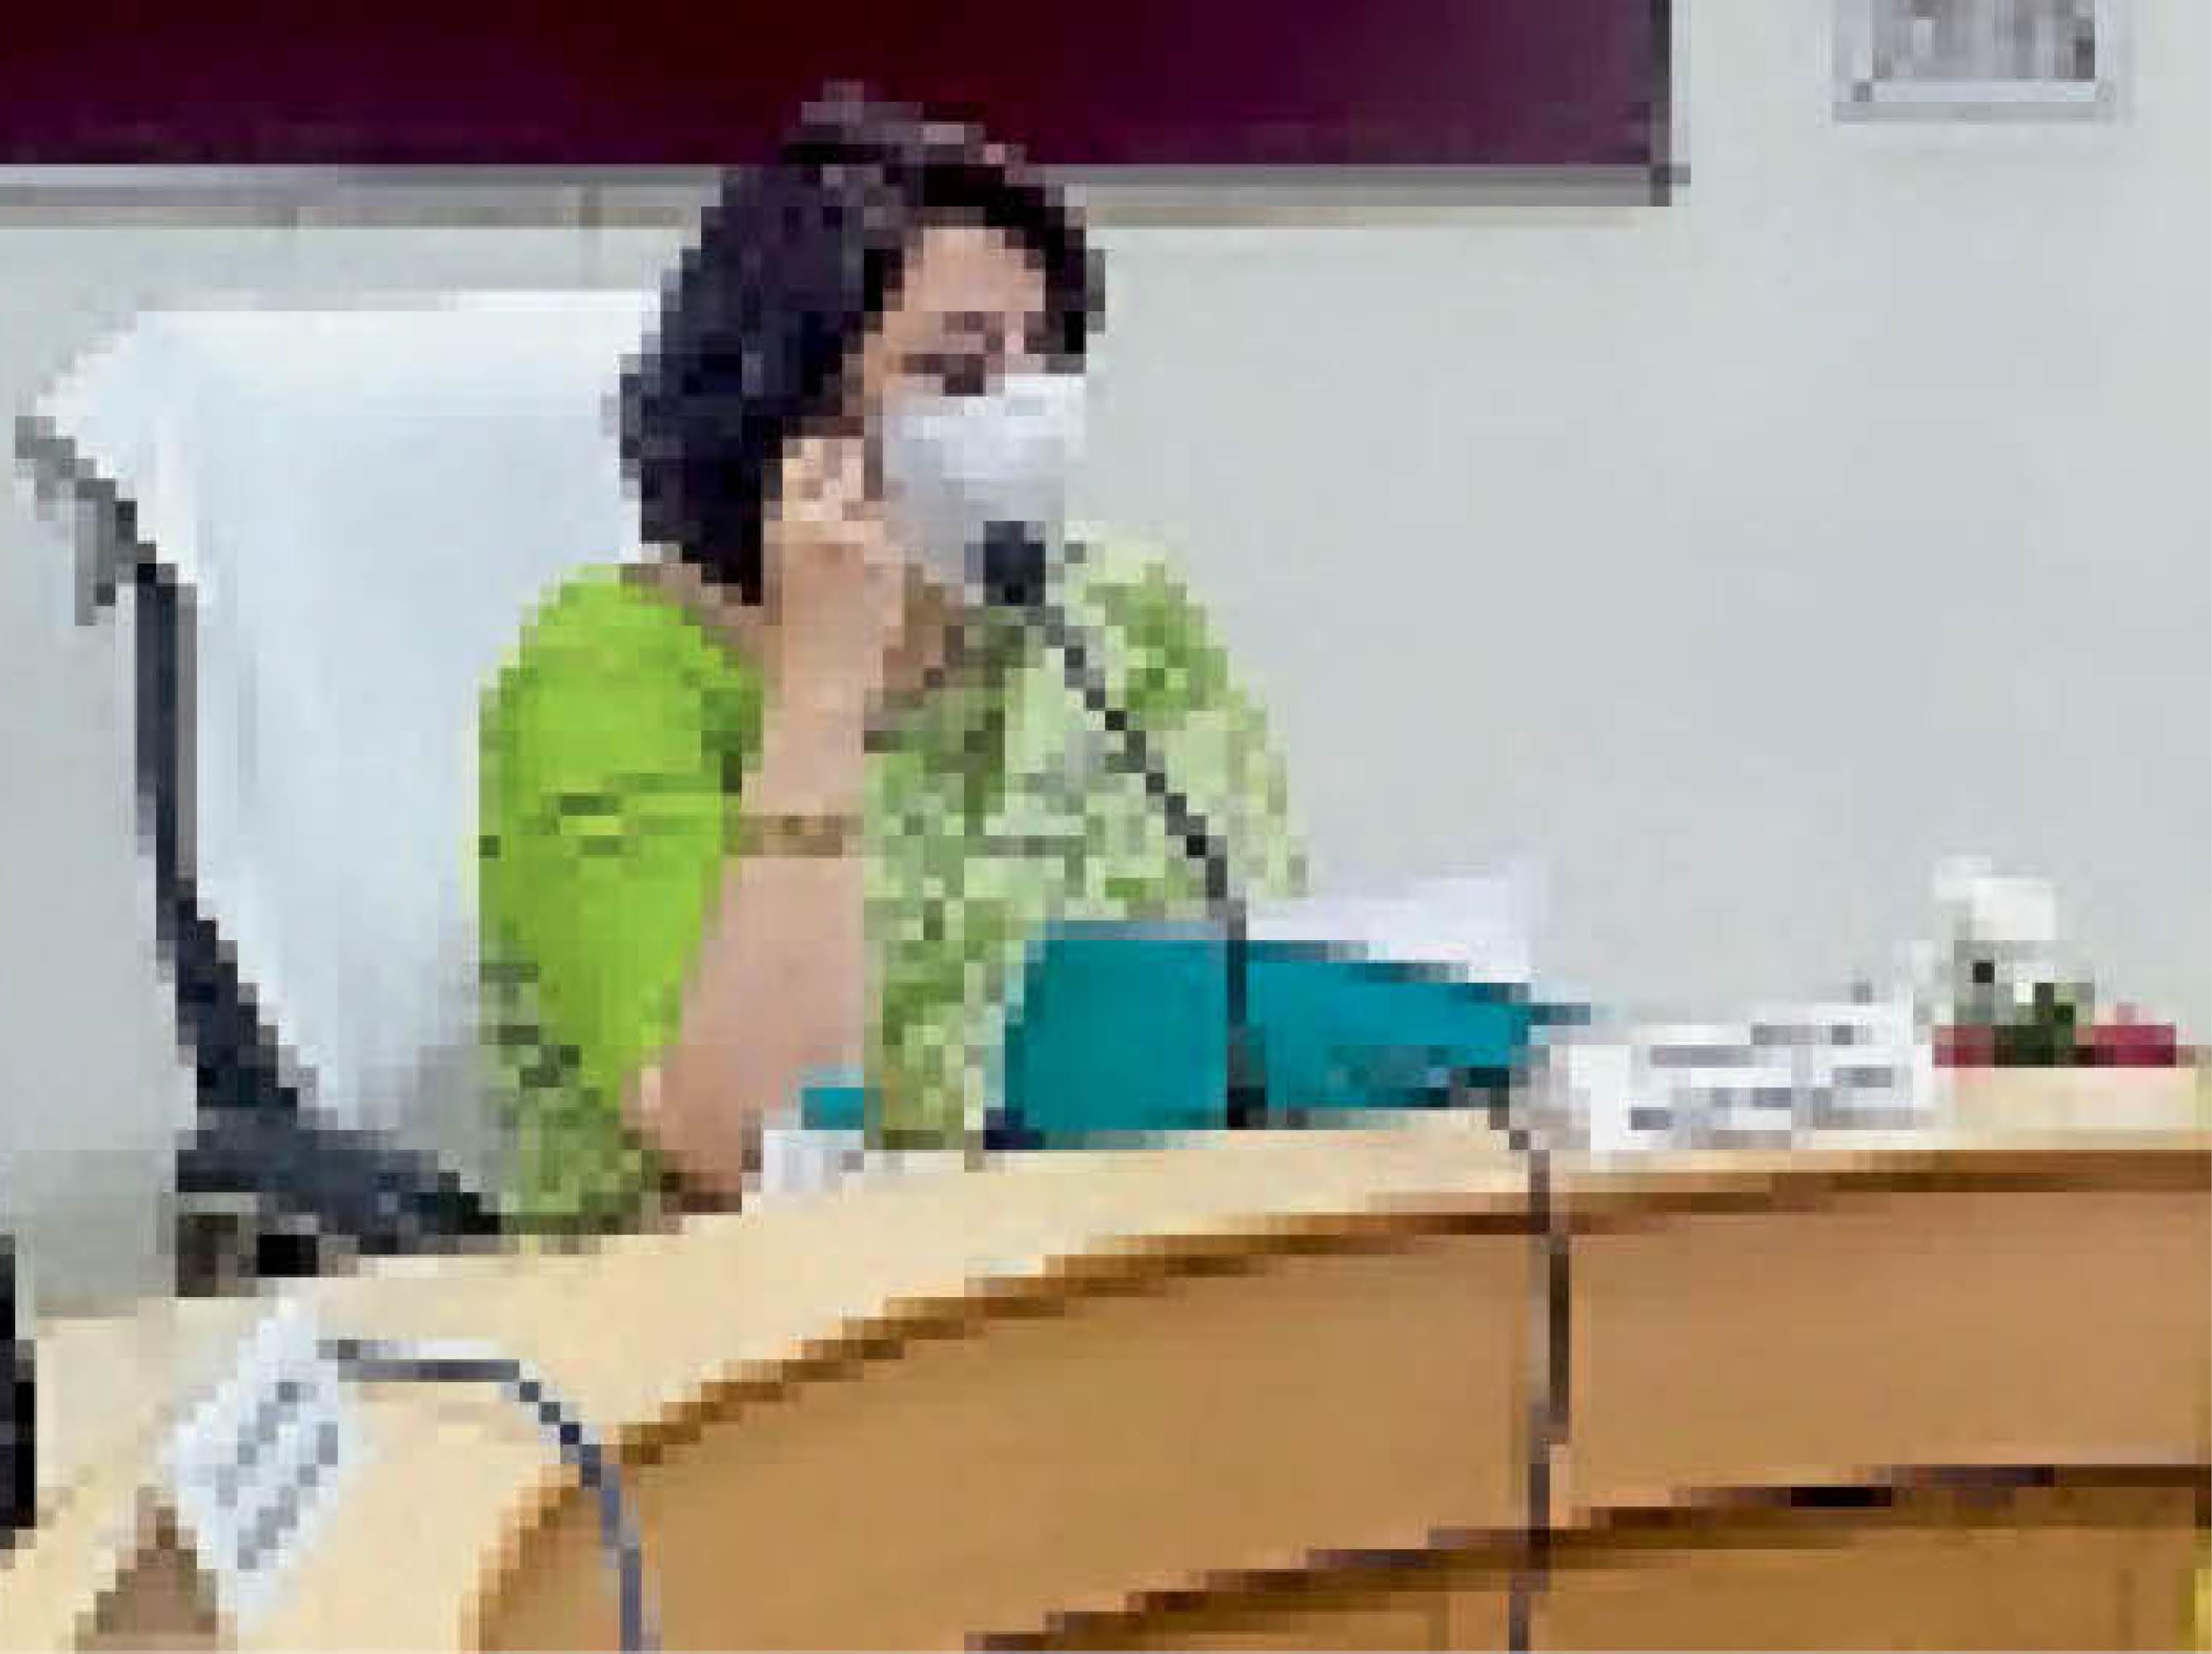 सिटी के एडीसी ऑफिस में समीक्षा बैठक काे संबोधित करतीं अतिरिक्त मुख्य सचिव डाॅ. सुमिता मिश्रा। - Dainik Bhaskar